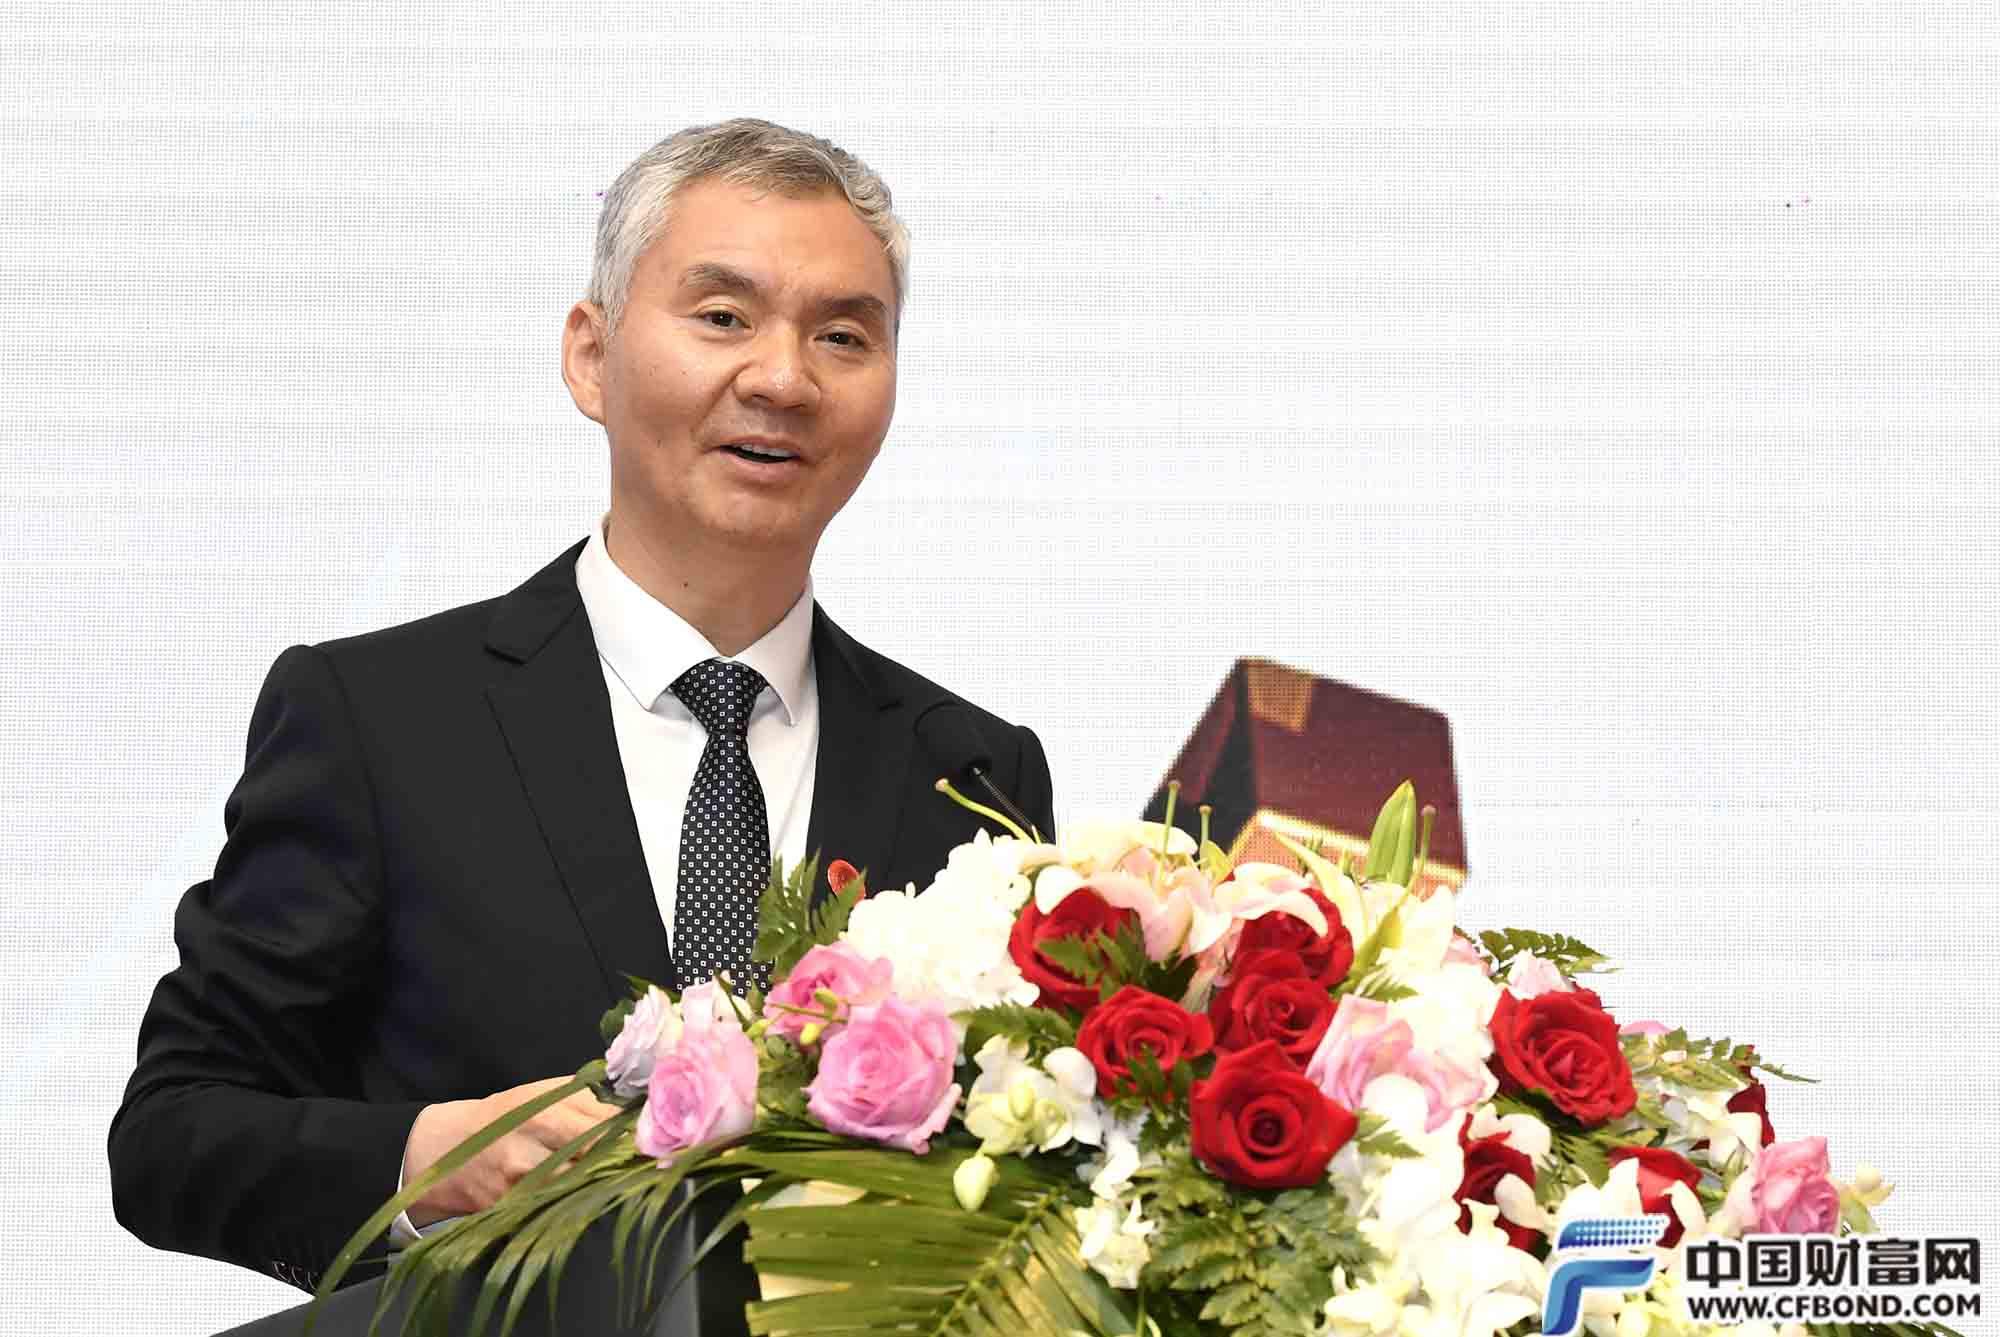 上海黄金交易所总经理王振营